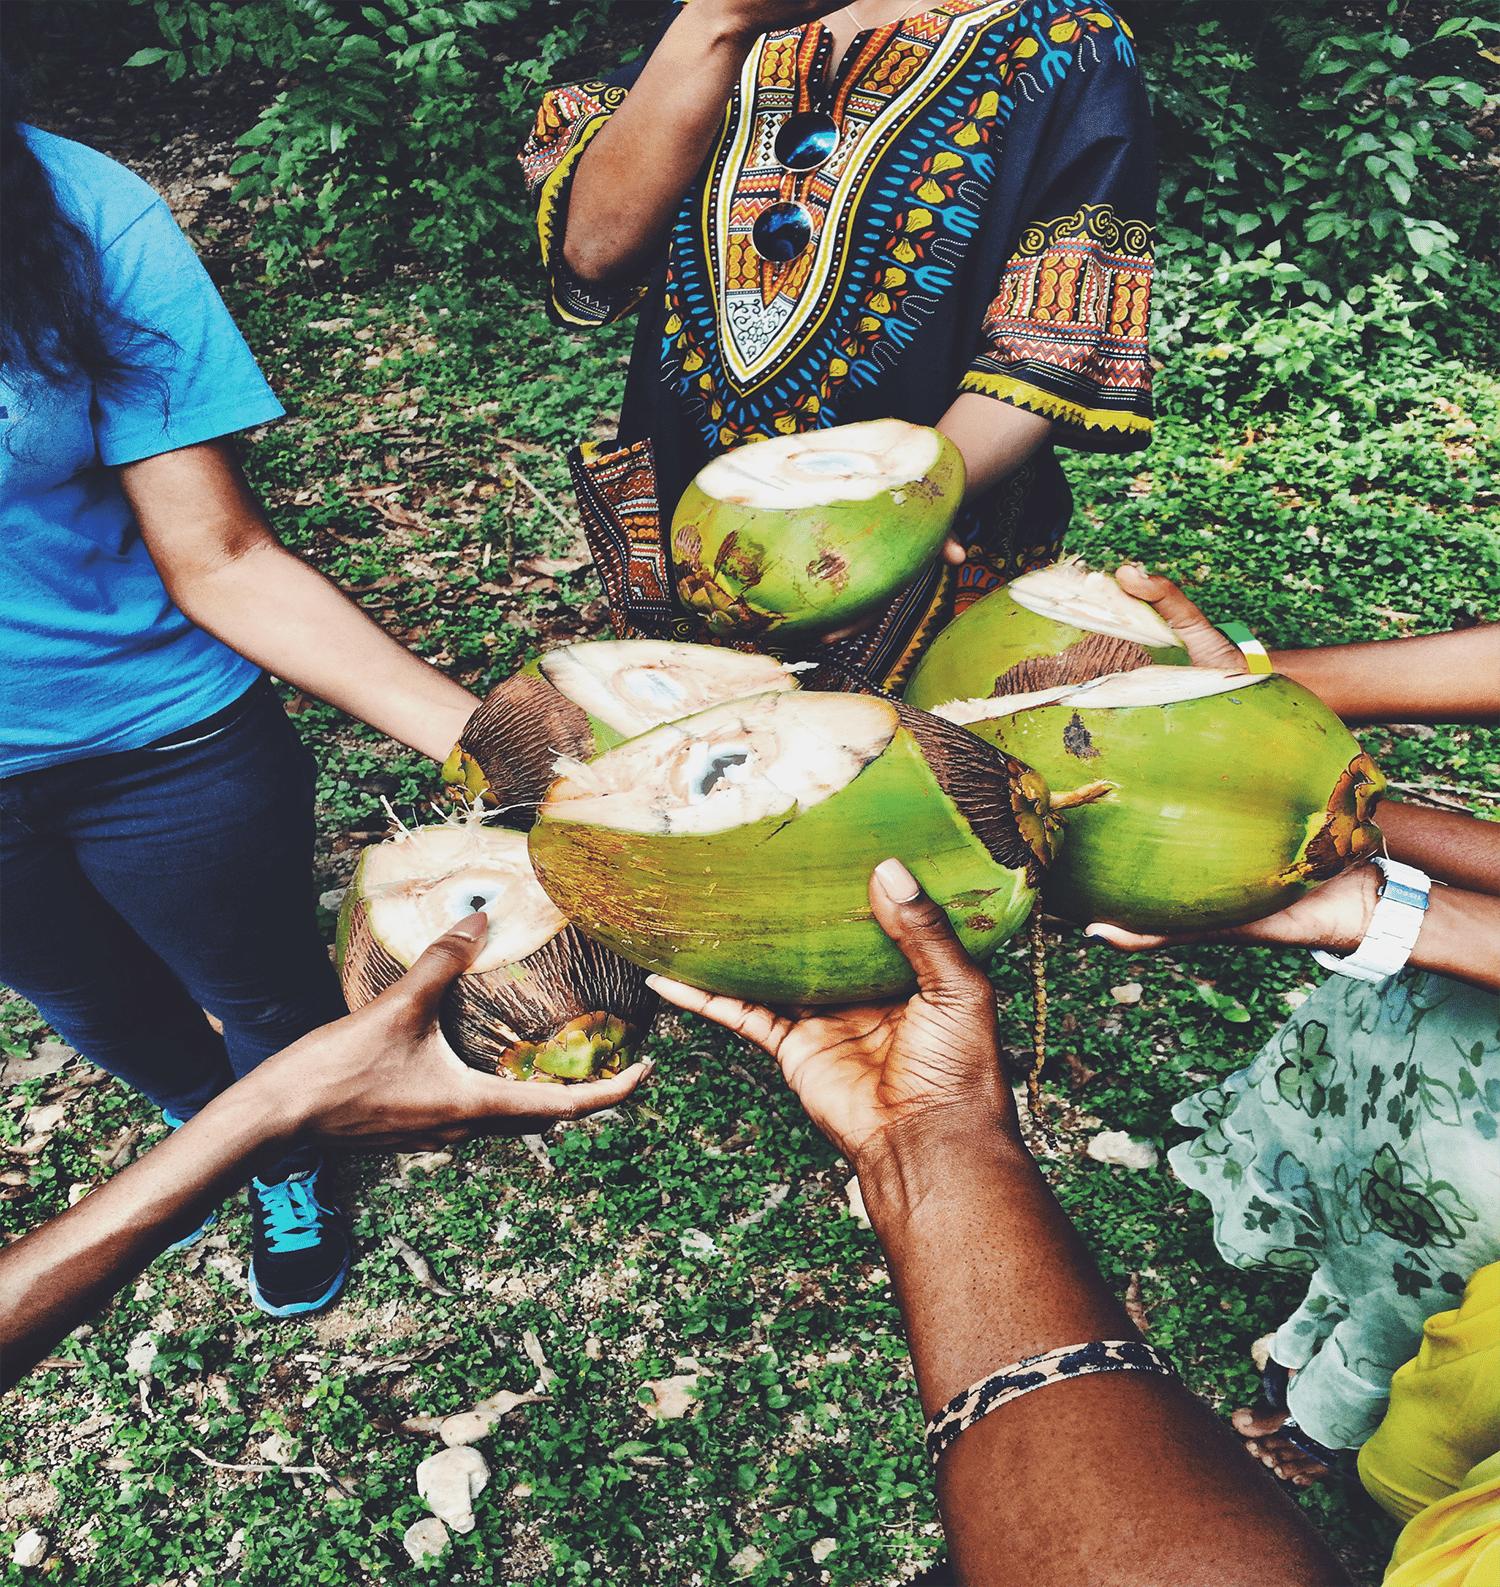 coconutsresize-min.png